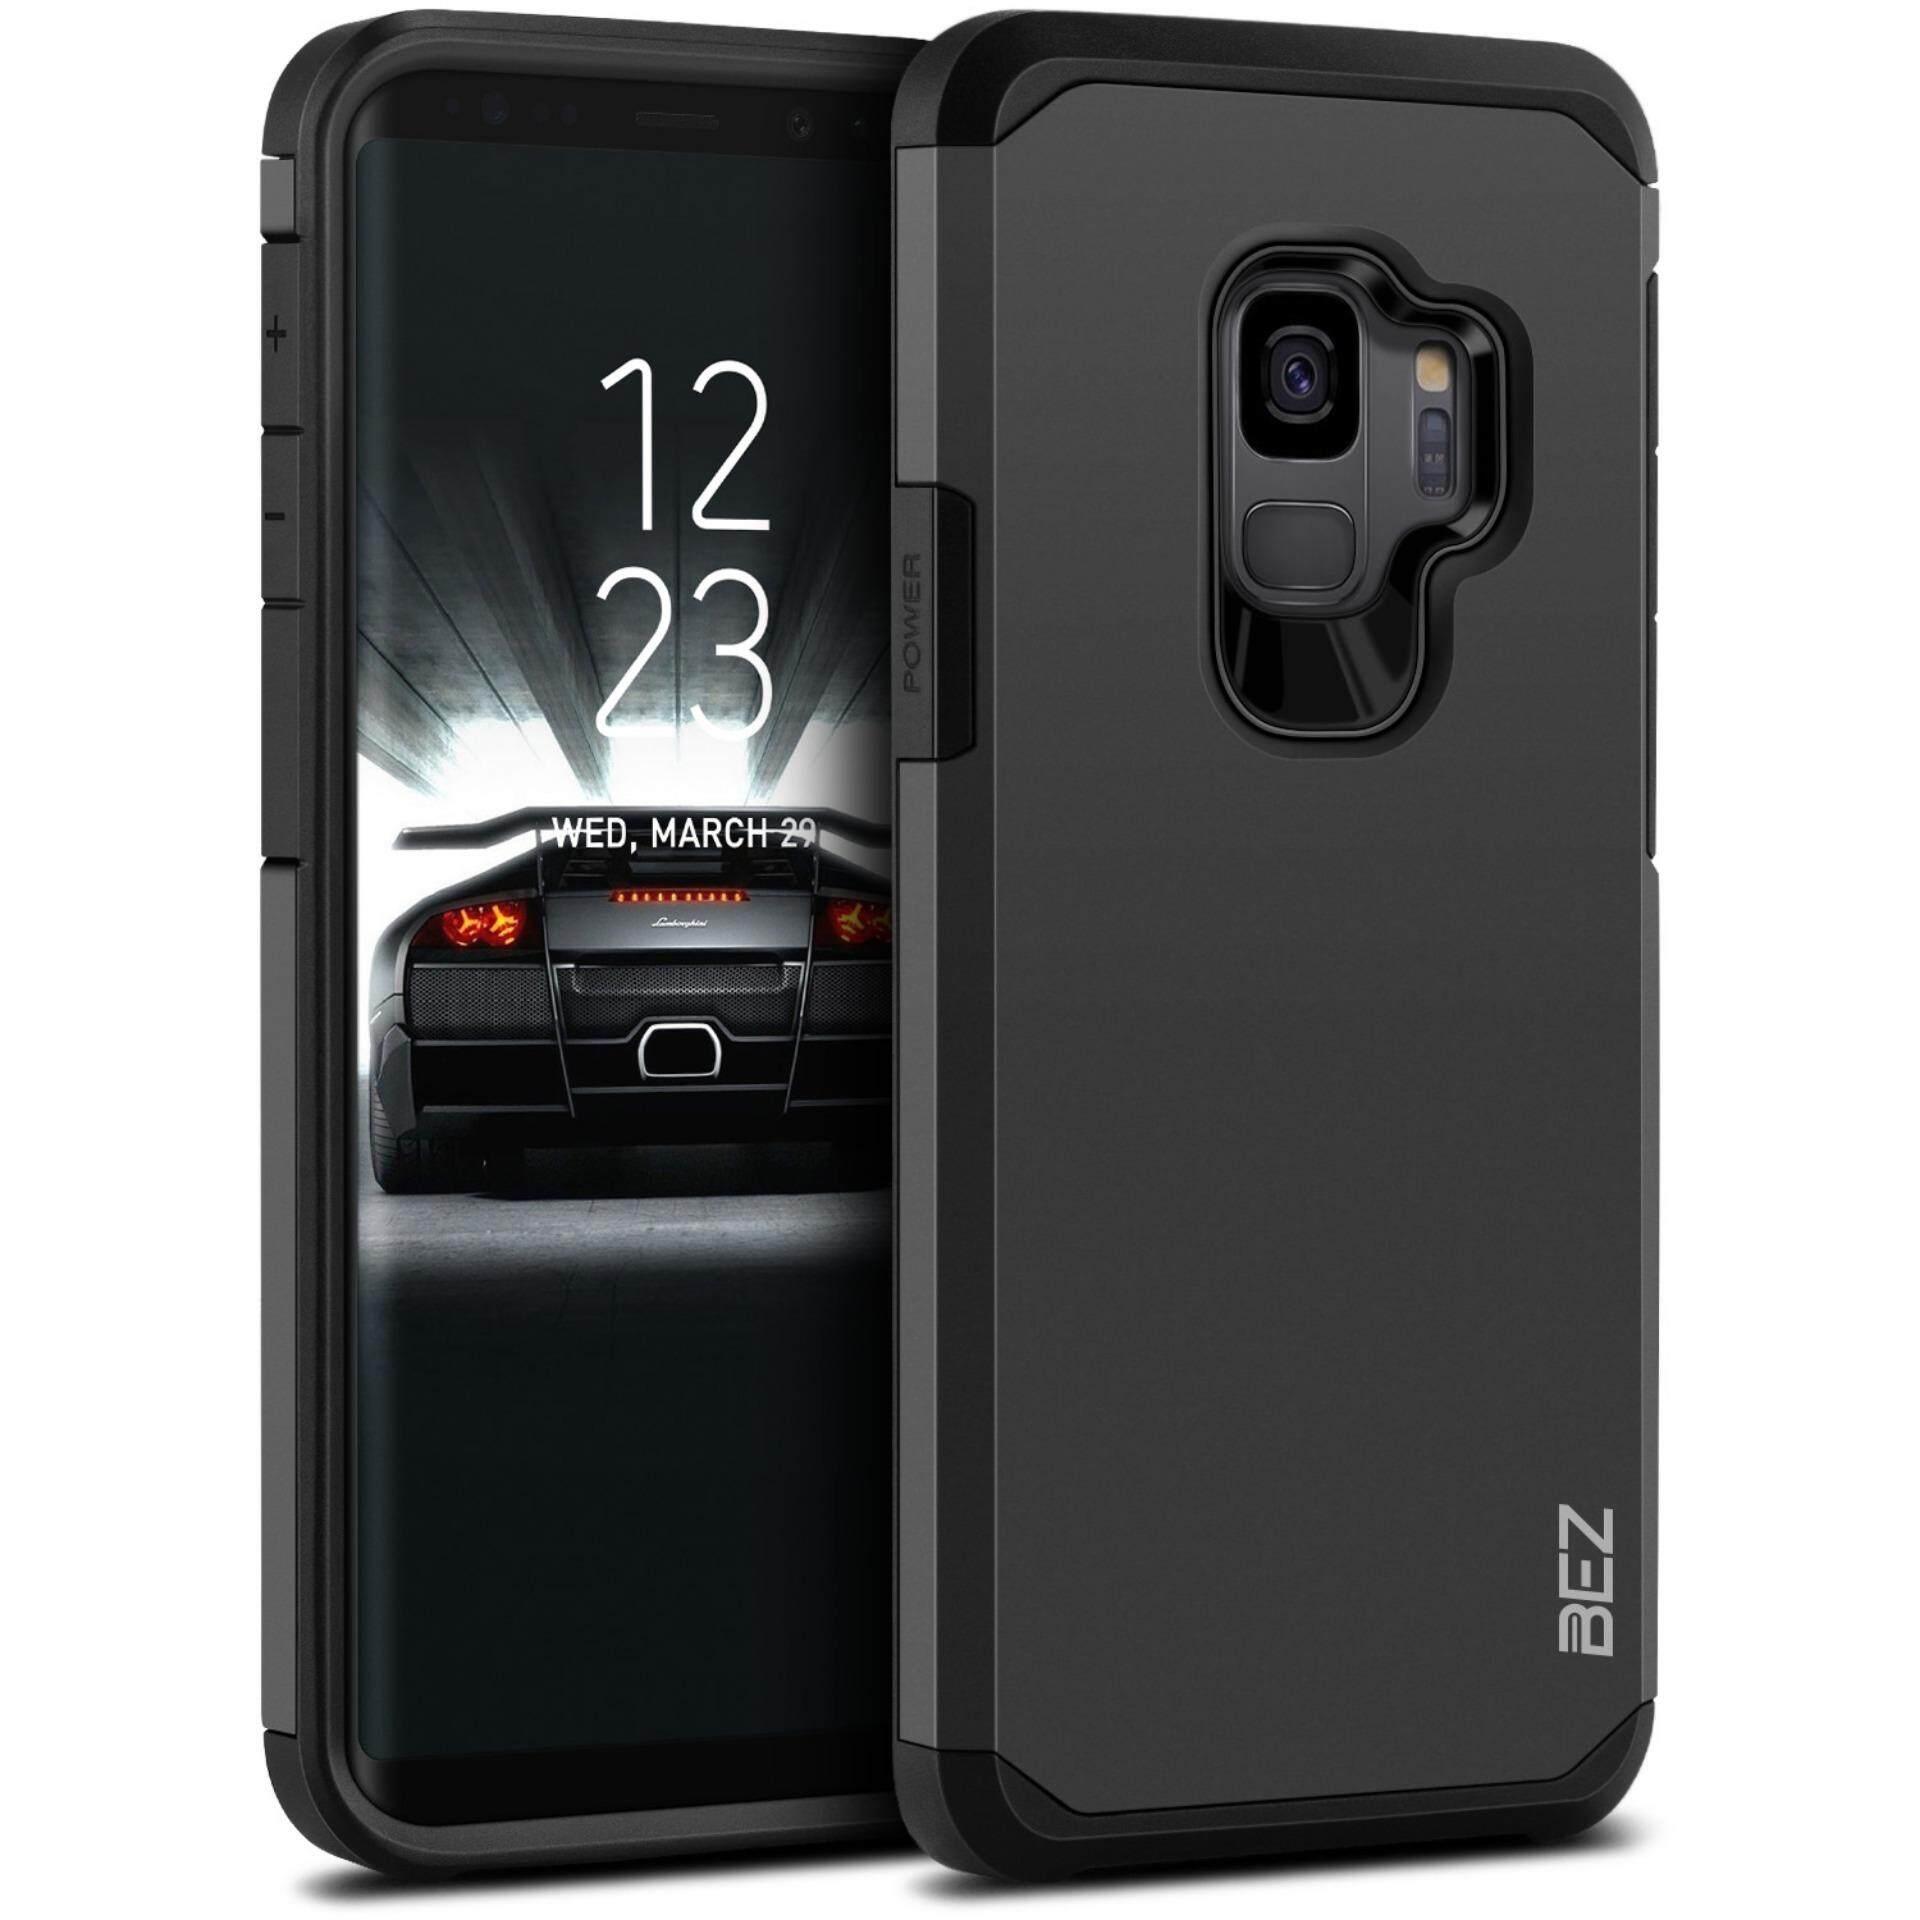 เคส Samsung Galaxy S9 เคสซัมซุง S9 case Samsung Galaxy S9 BEZ เคสมือถือ เคส ซัมซุง เคสฝาหลัง กันกระแทก  Shockproof Case Dual Layer Tough Cover for Samsung Galaxy S9  // H2-GS9